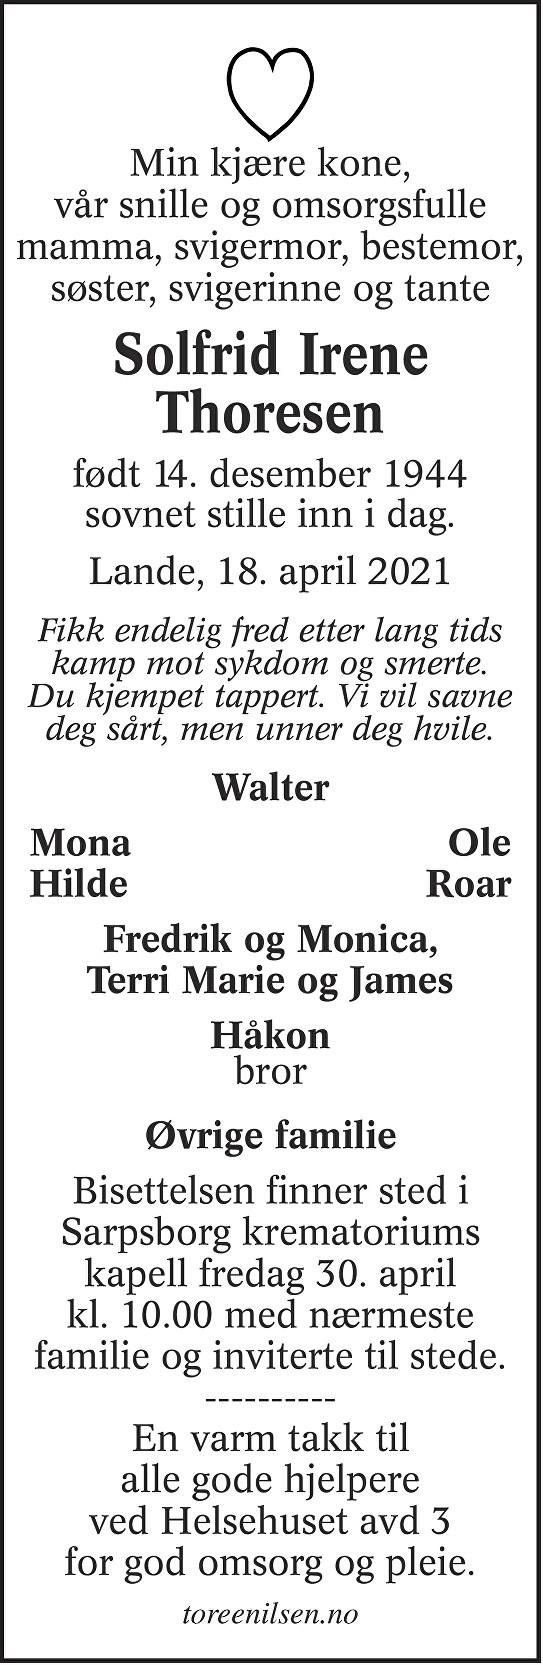 Solfrid Irene Thoresen Dødsannonse